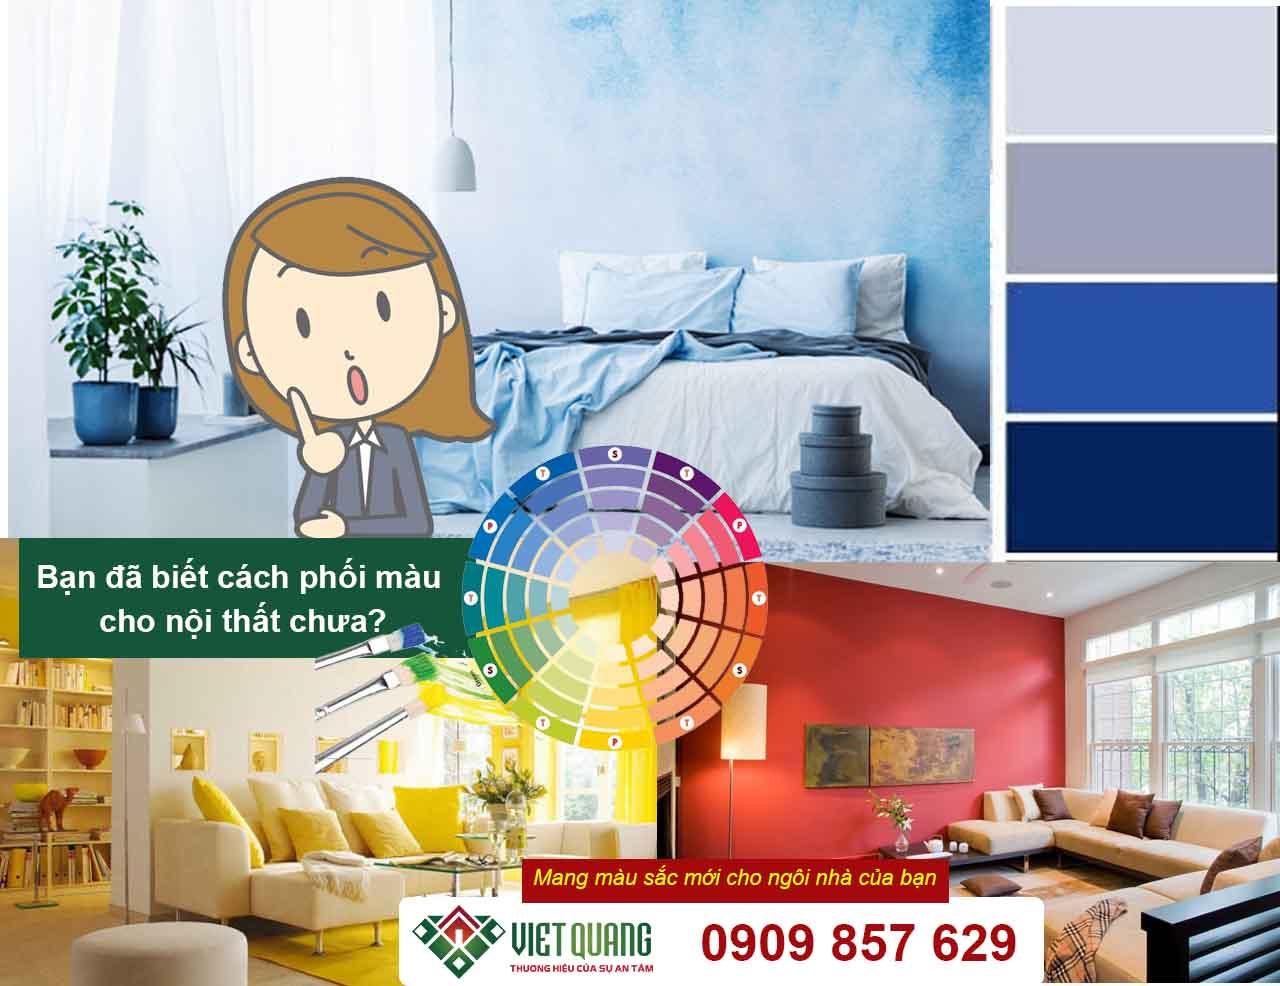 Bạn đã biết cách phối màu cho nội thất chưa?